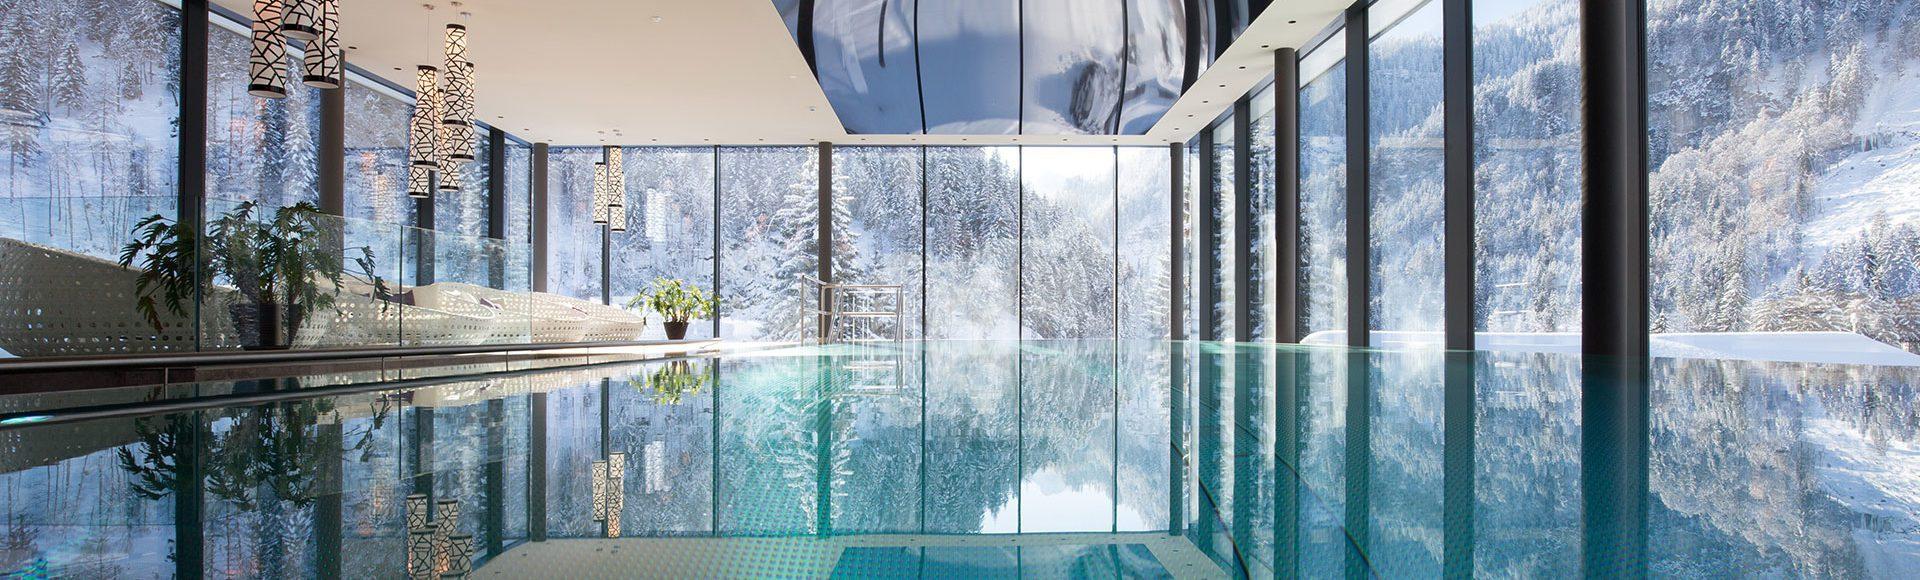 Winterurlaub buchen - Wellnesshotel Lürzerhof mit Infinity Pool